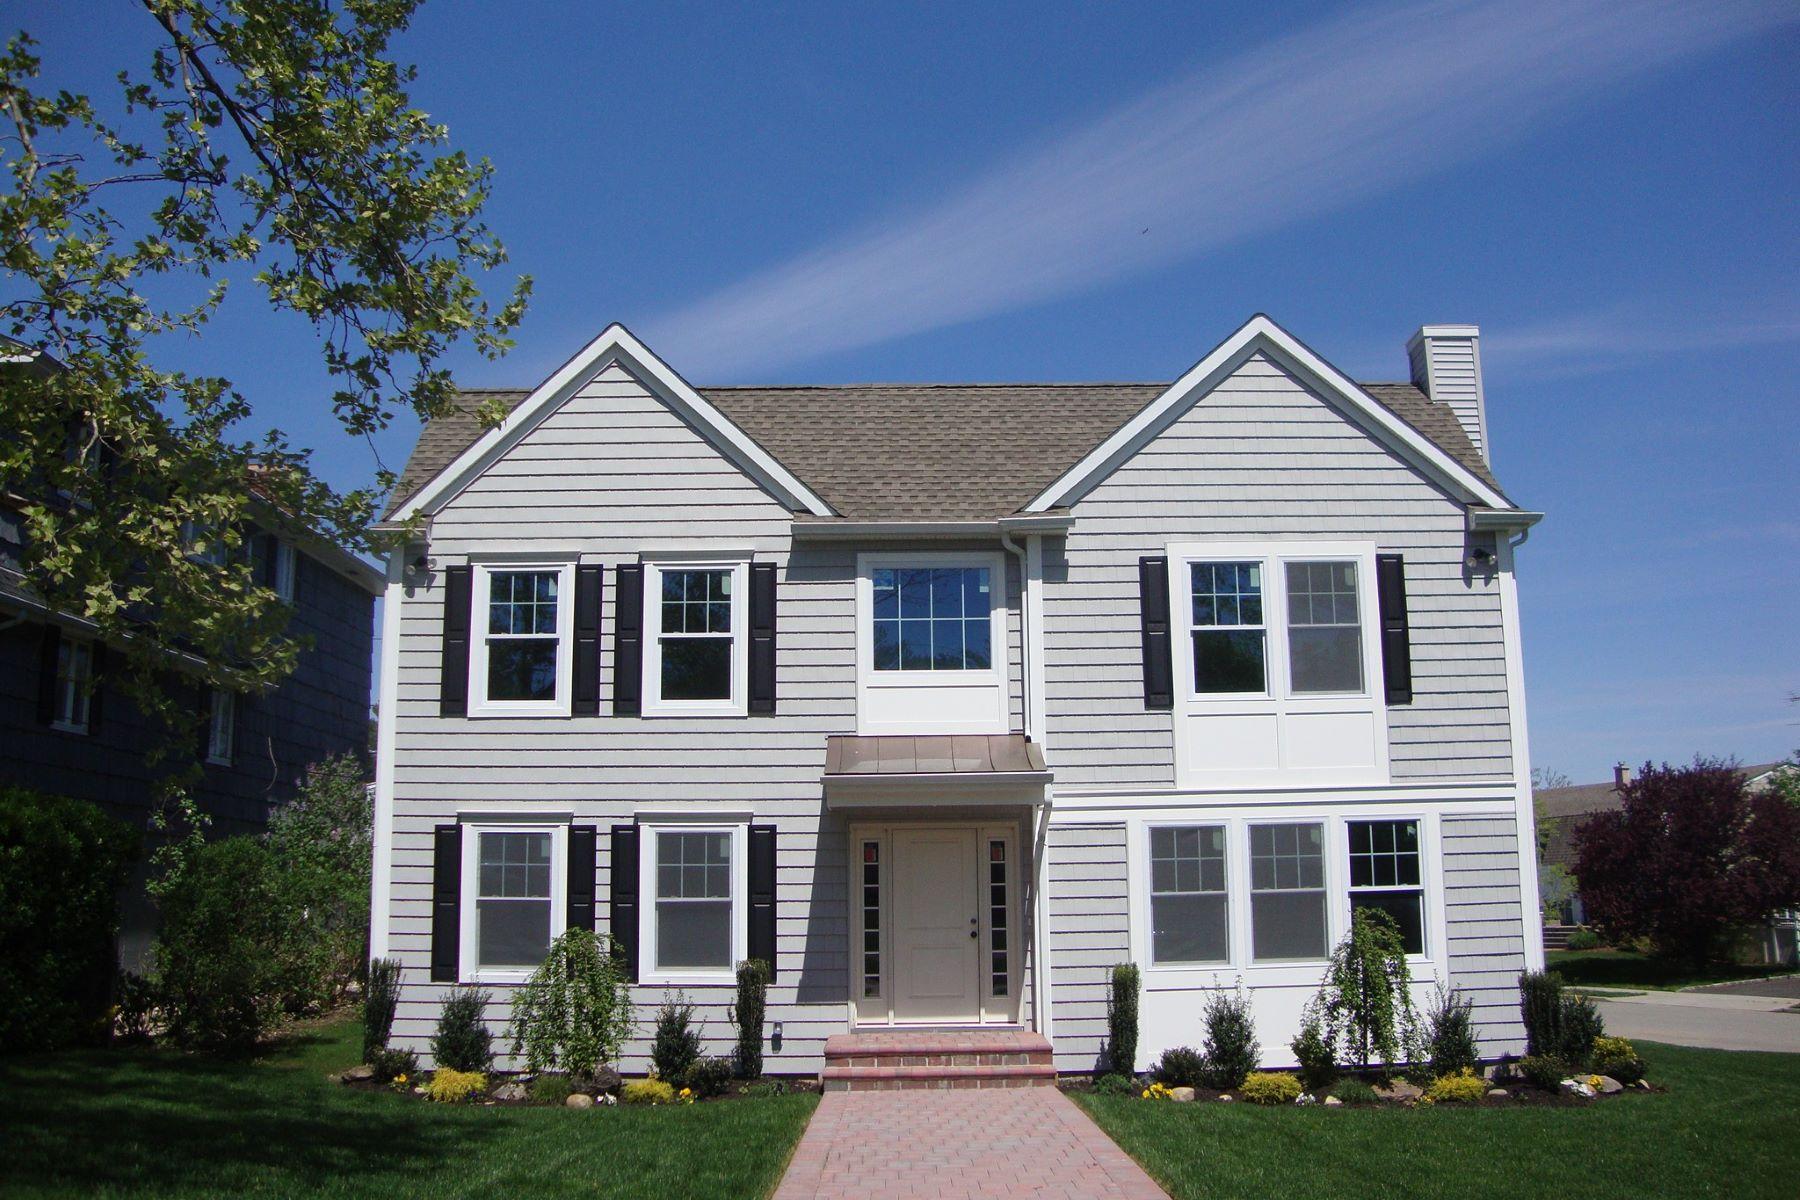 独户住宅 为 销售 在 19 Michael F St , Locust Valley, NY 11560 19 Michael F St, 卢卡斯特谷, 纽约州, 11560 美国